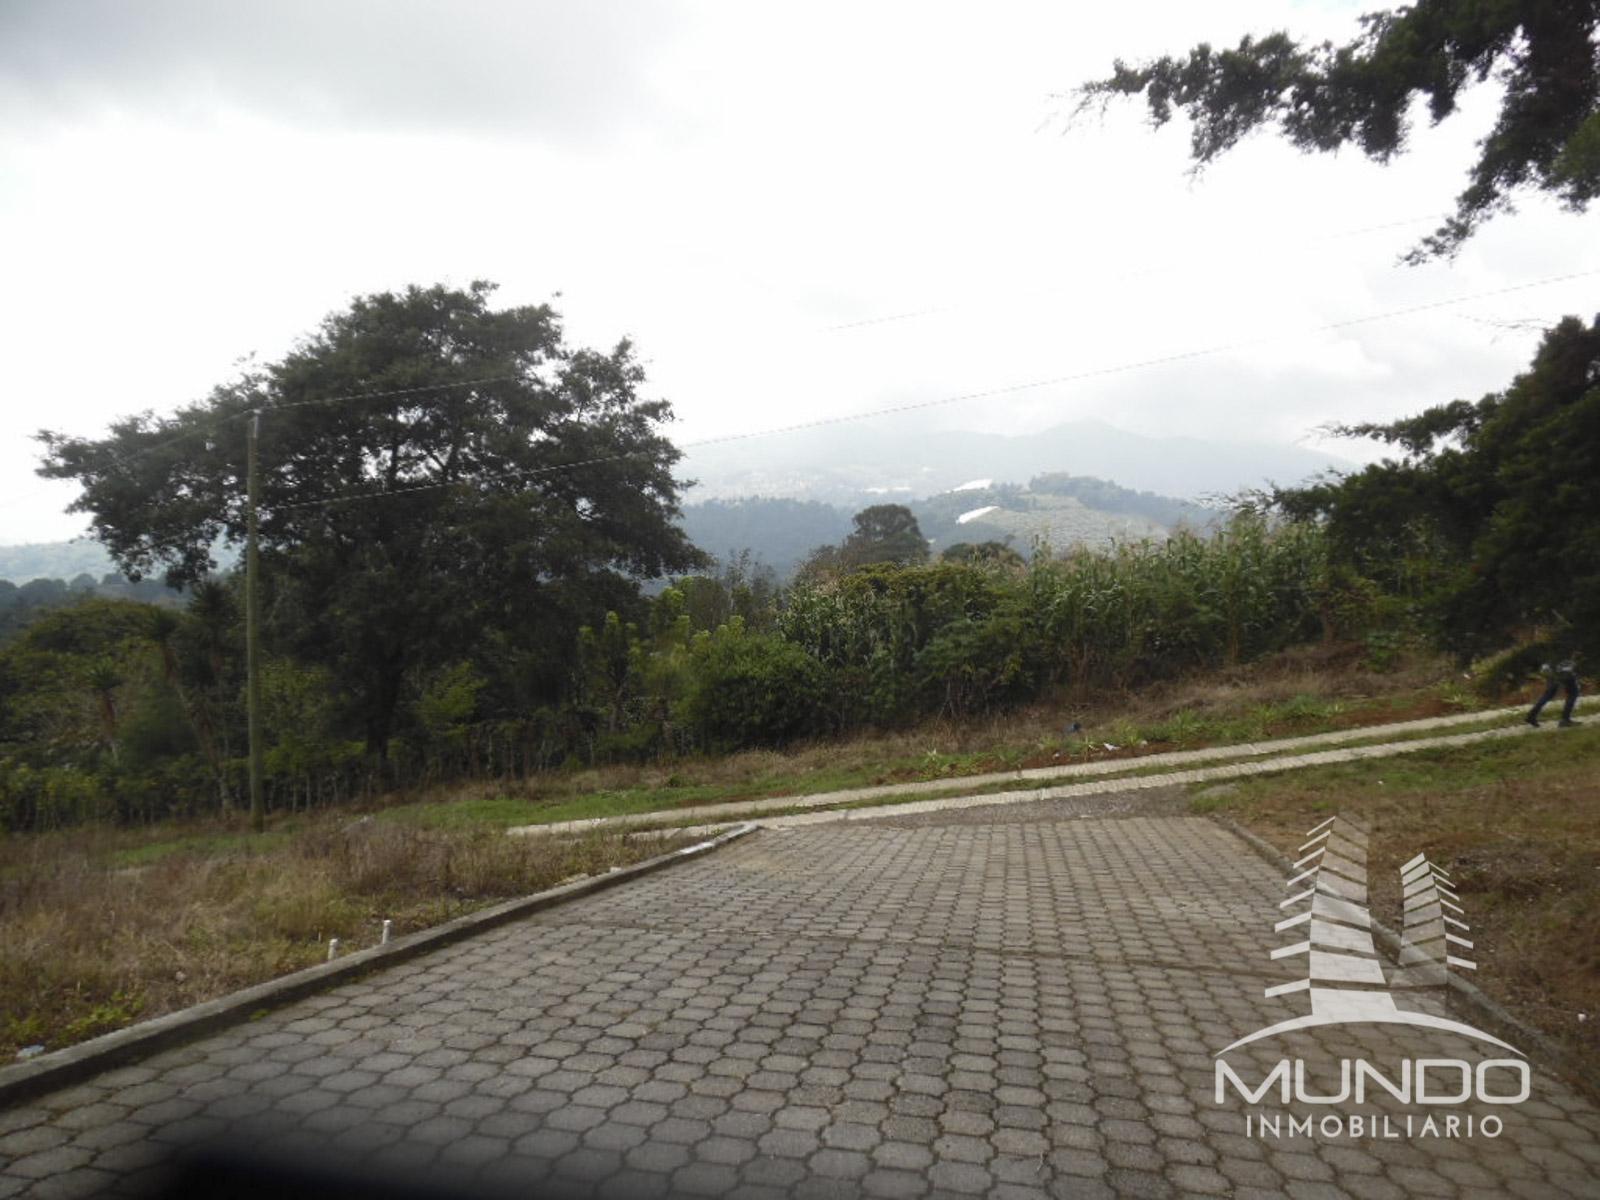 TERRENOS EN VENTA EN SANTA LUCIA MILPAS ALTAS / MUNDO INMOBILIARIO